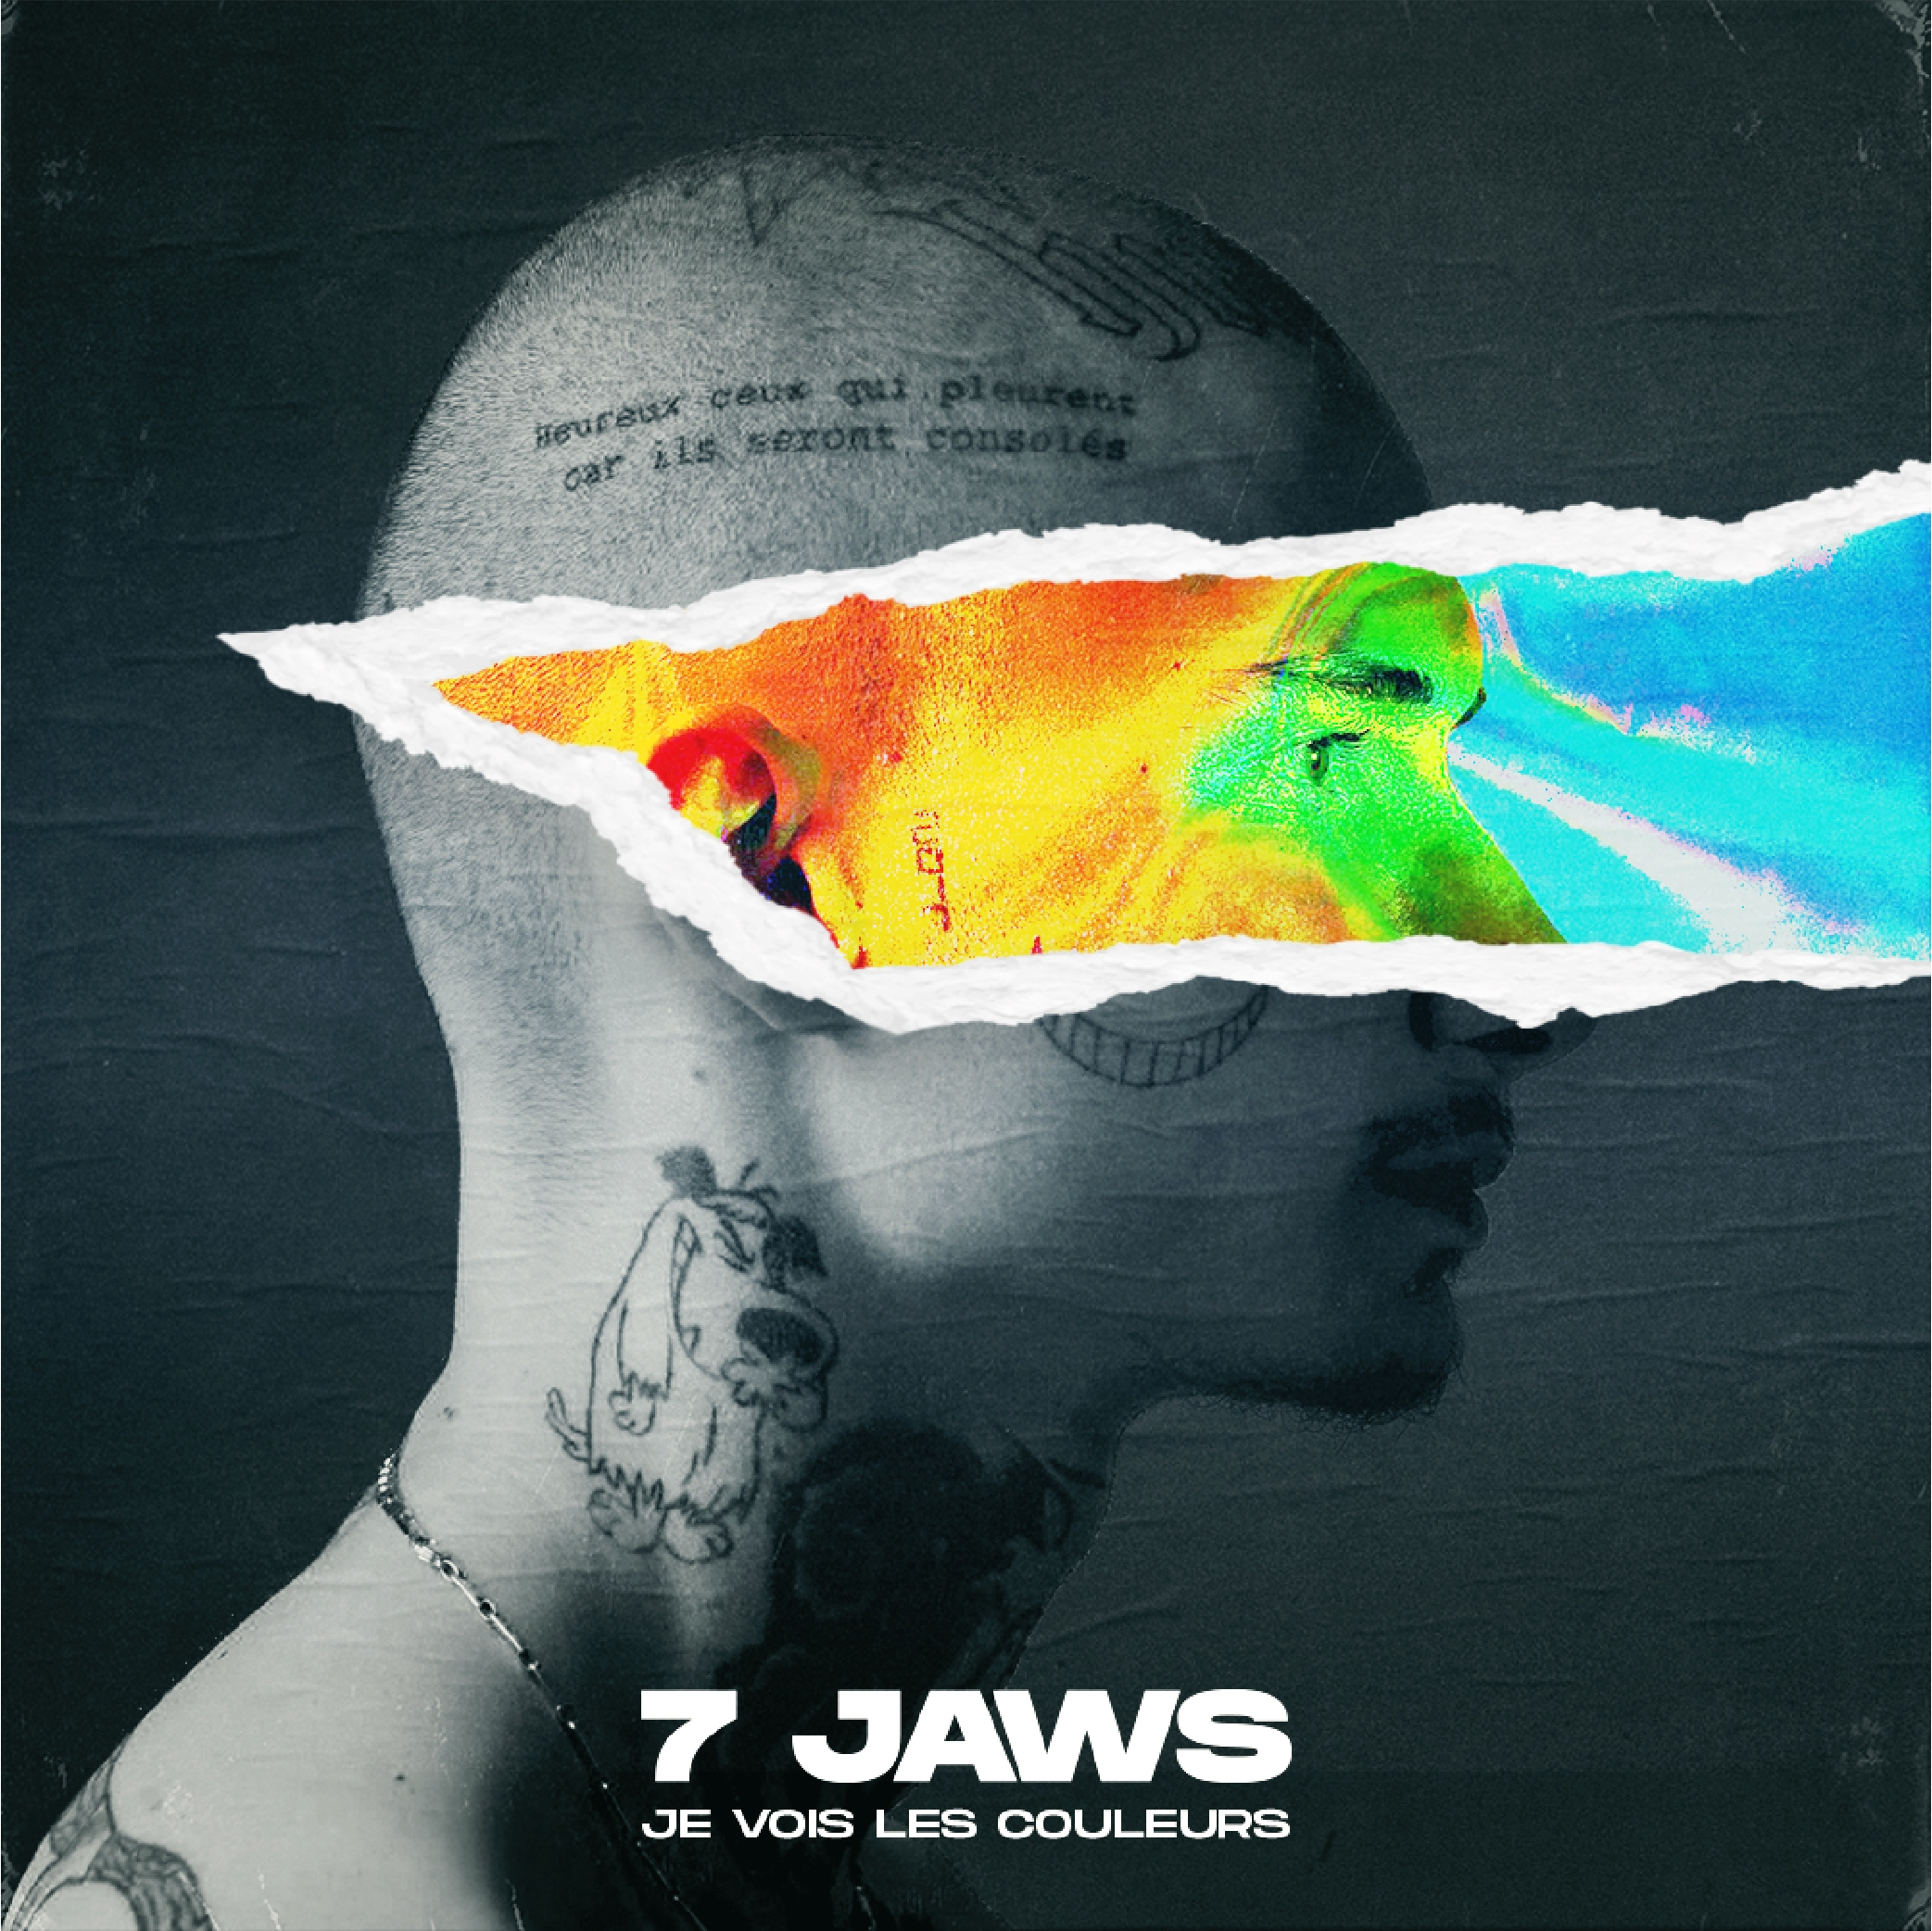 cover 7 jaws je vois les couleurs